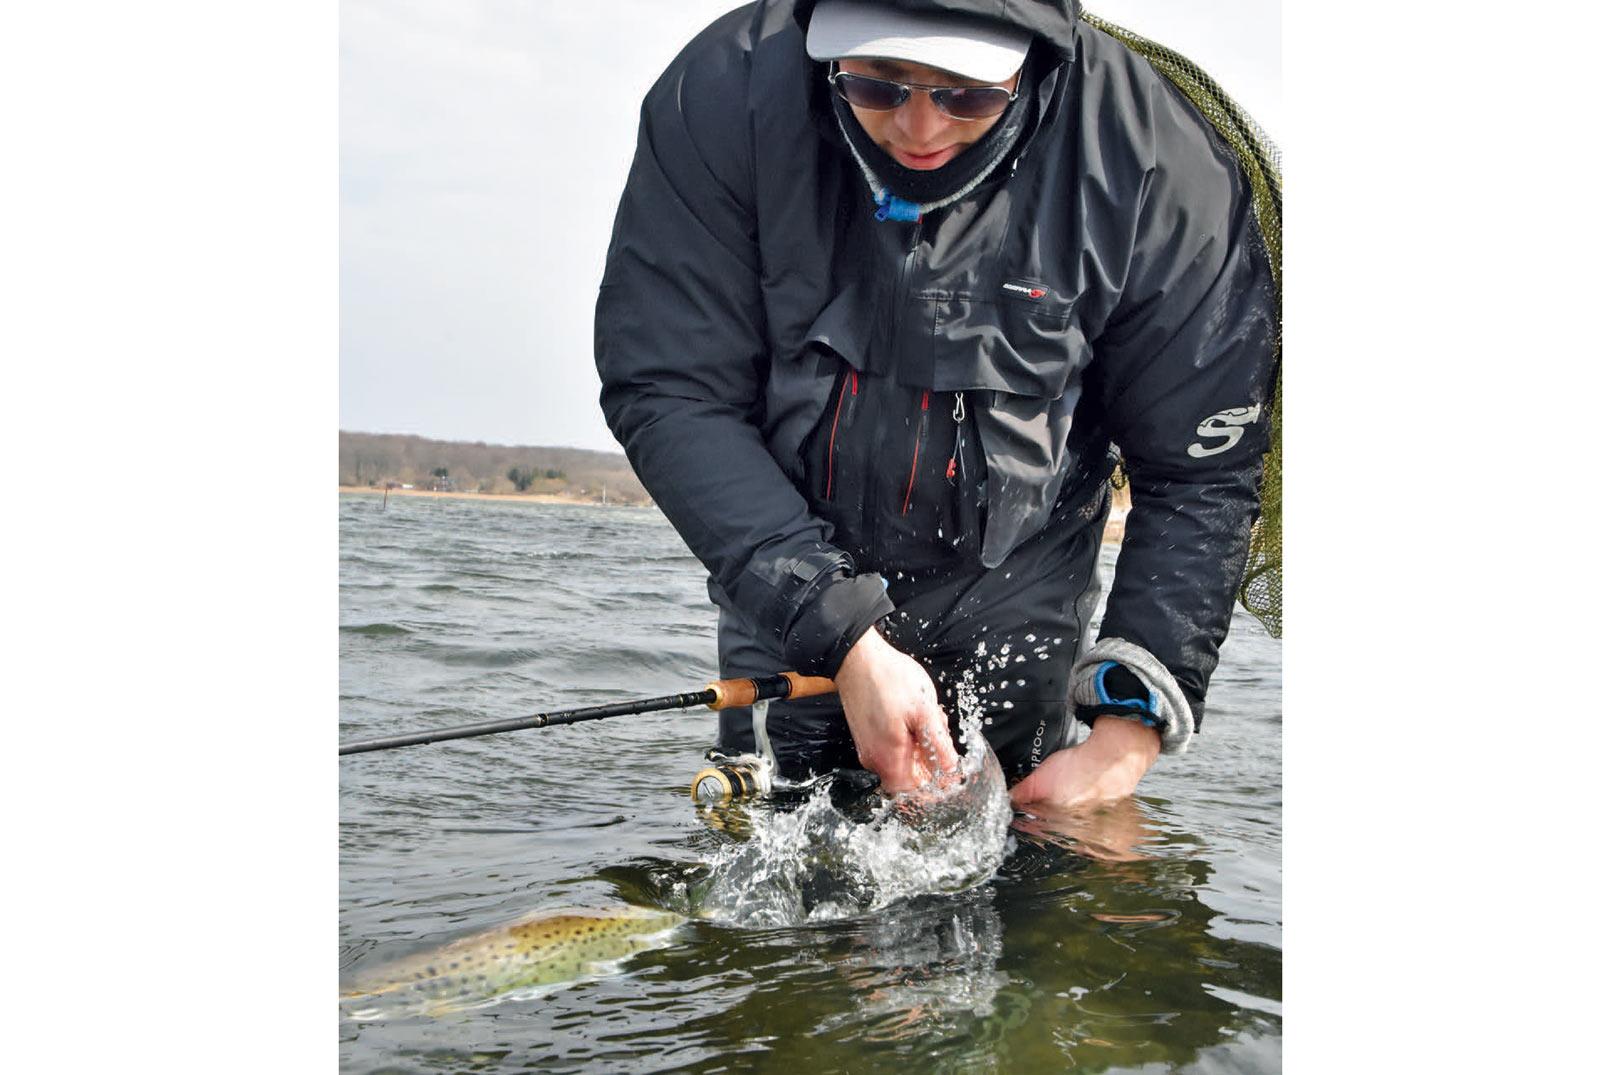 En smuk ørred på vej tilbage i rette element. I området omkring Torø er der en hel del fisk at finde året rundt, men husk at gemme lidt til næste gang.